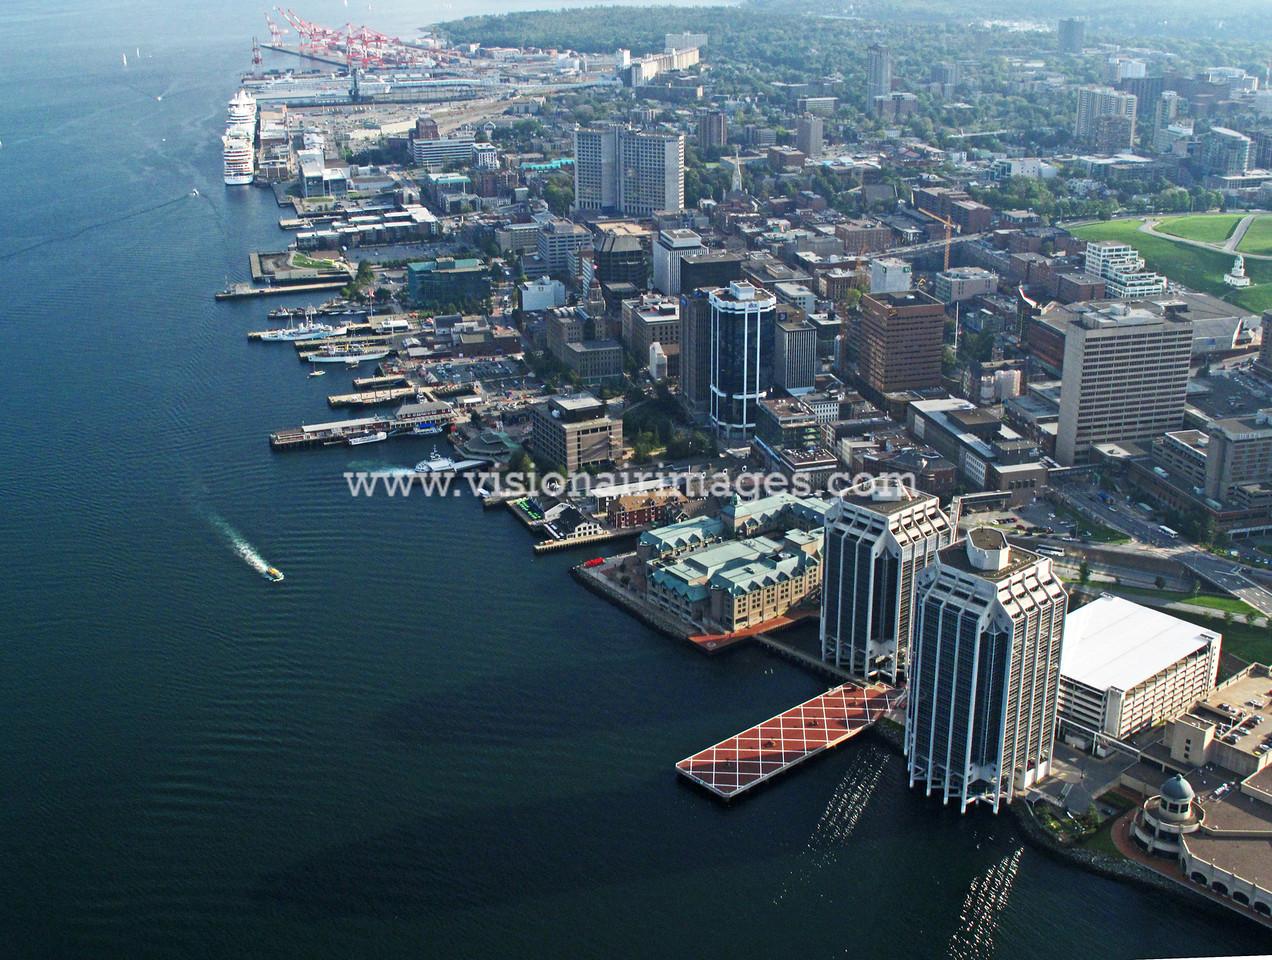 Dartmouth, Nova Scotia, Canada